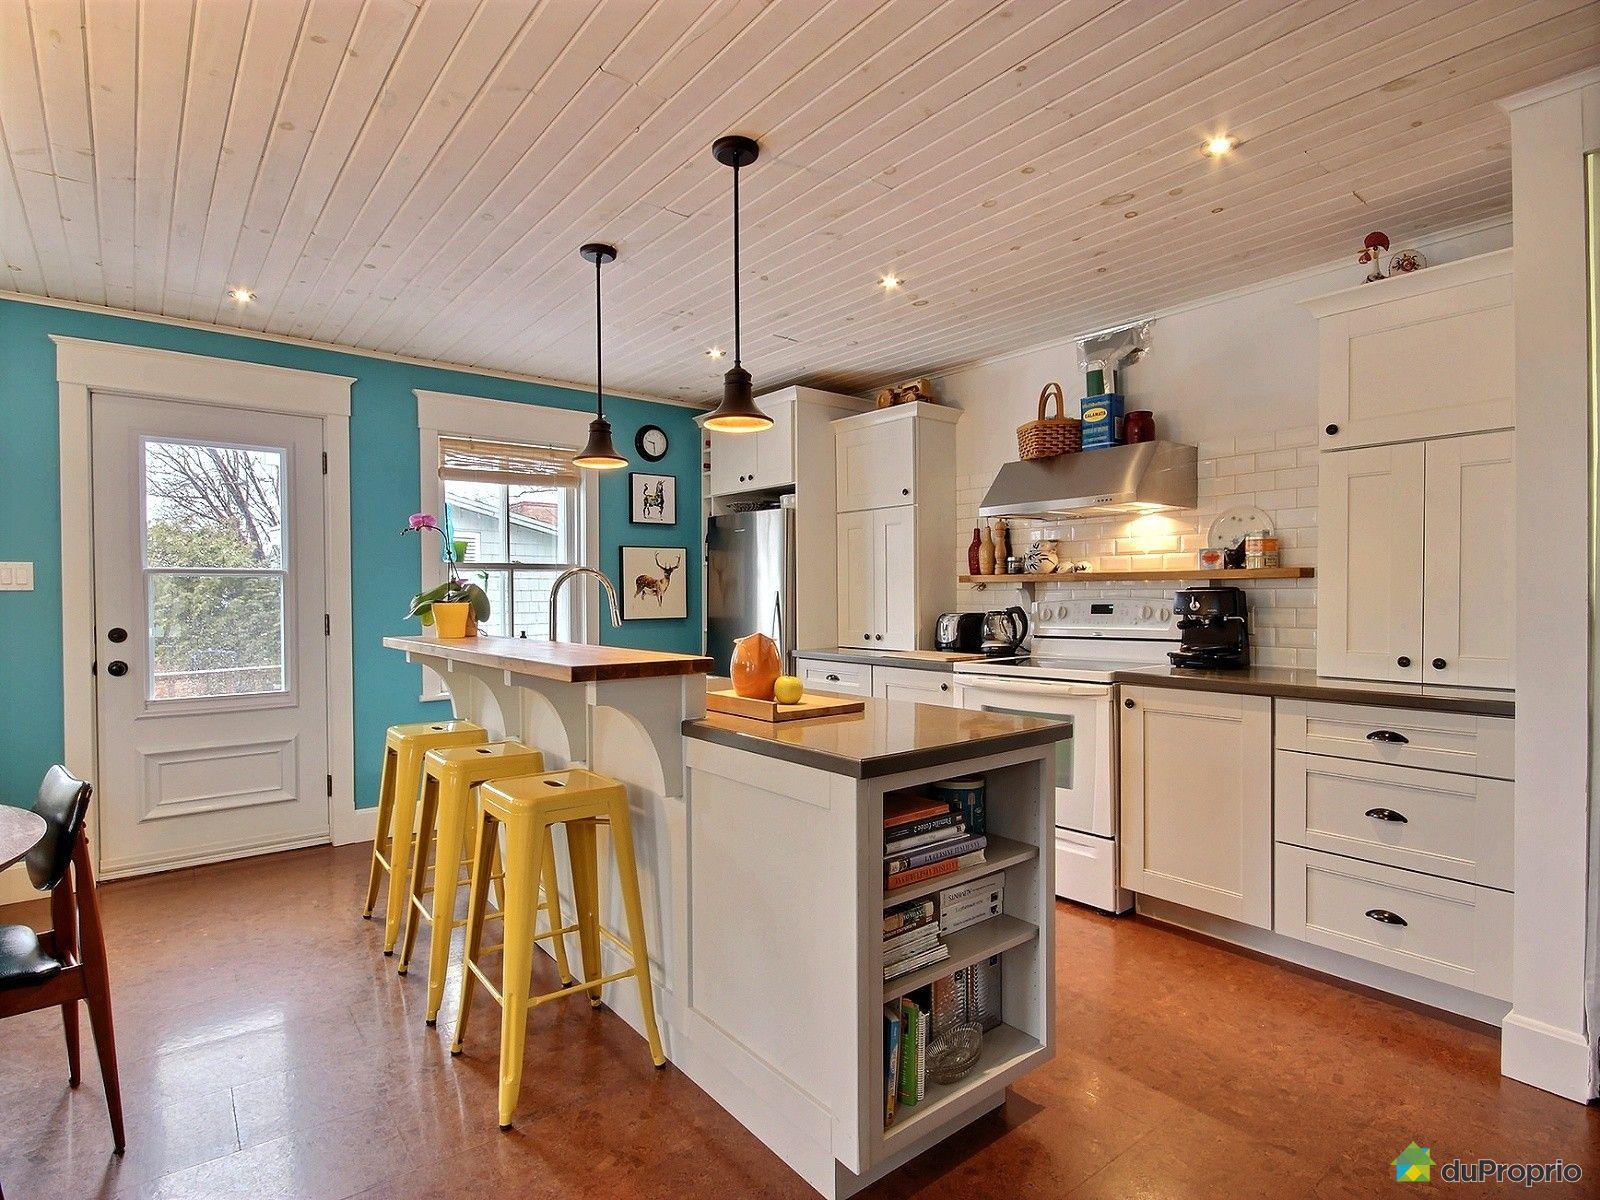 Maison vendre l vis 50 rue barras immobilier qu bec for Cuisine 50 rue condorcet